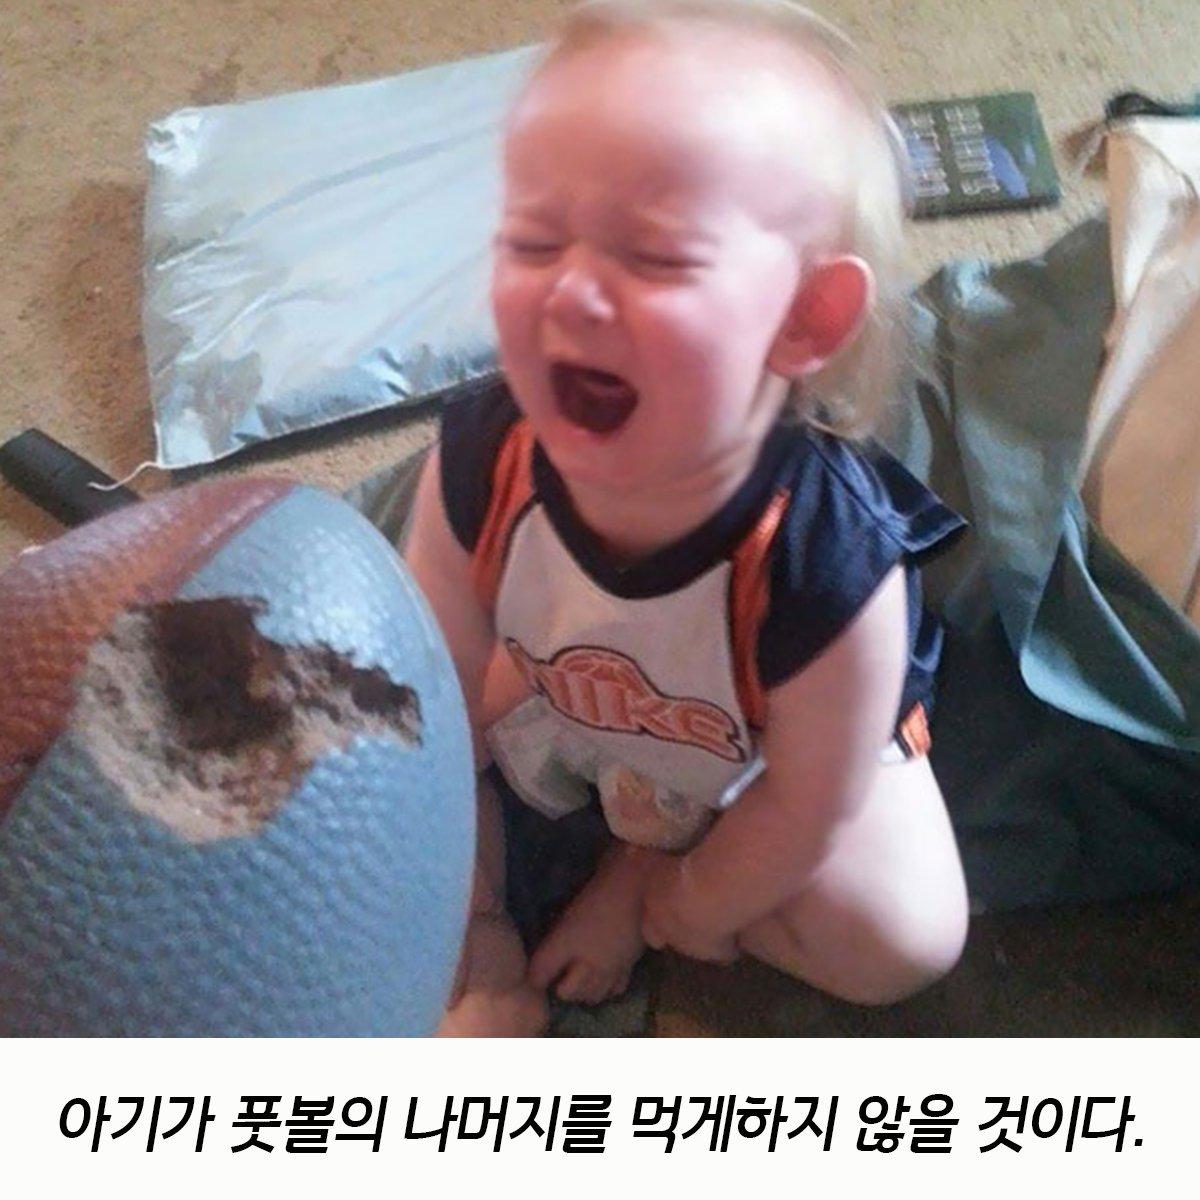 лестница фотографии окея который он плачет только